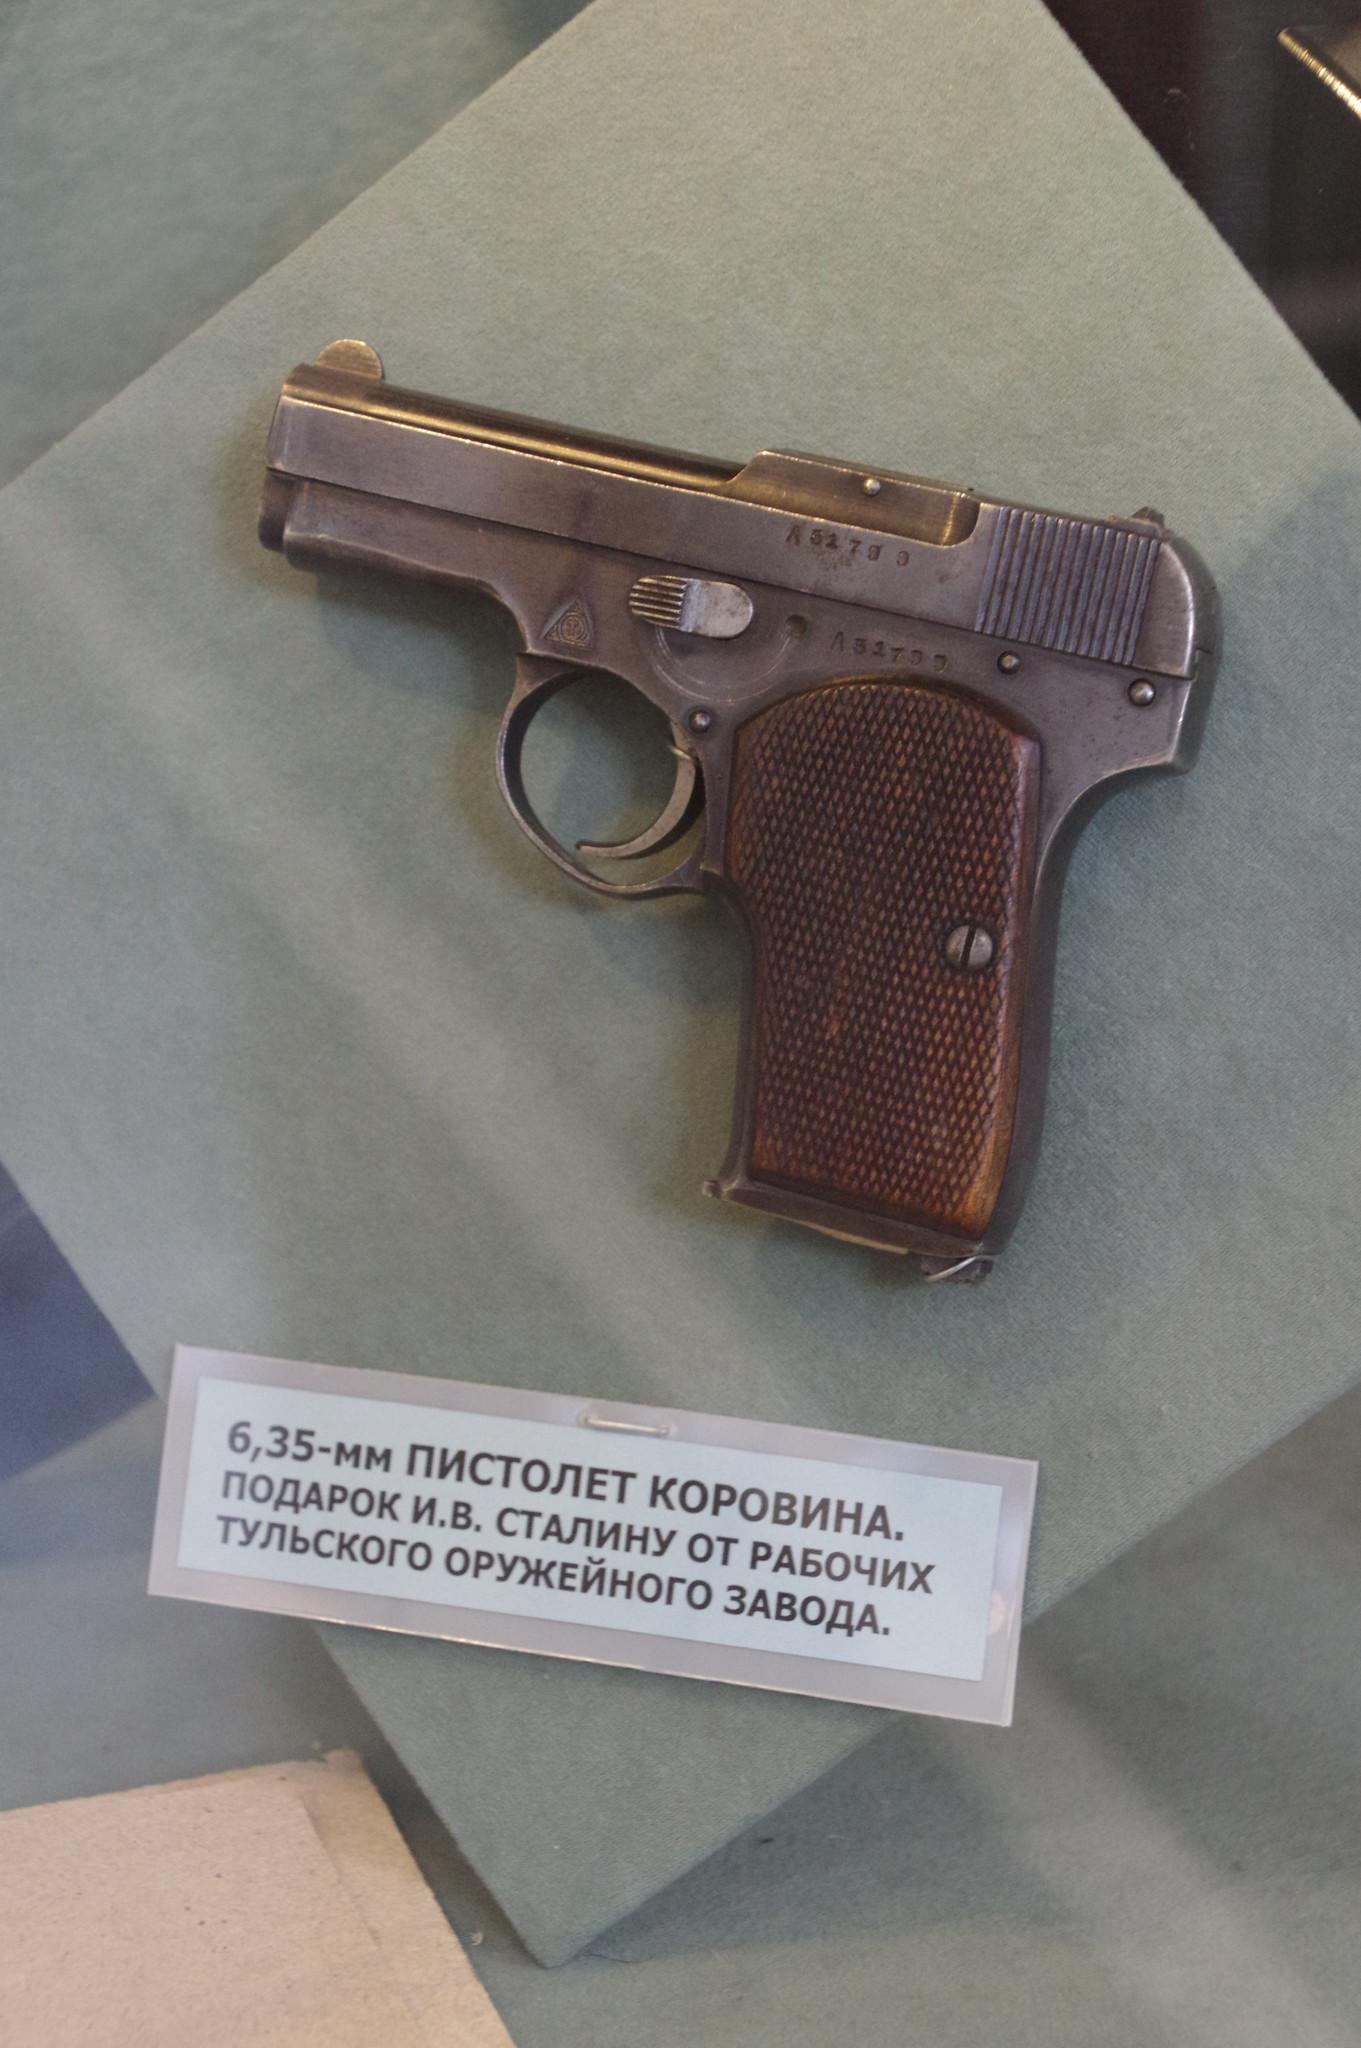 6,35-мм пистолет Коровина. Подарок И.В. Сталину от рабочих Тульского оружейного завода в экспозиции Центрального музея Вооружённых сил Российской Федерации